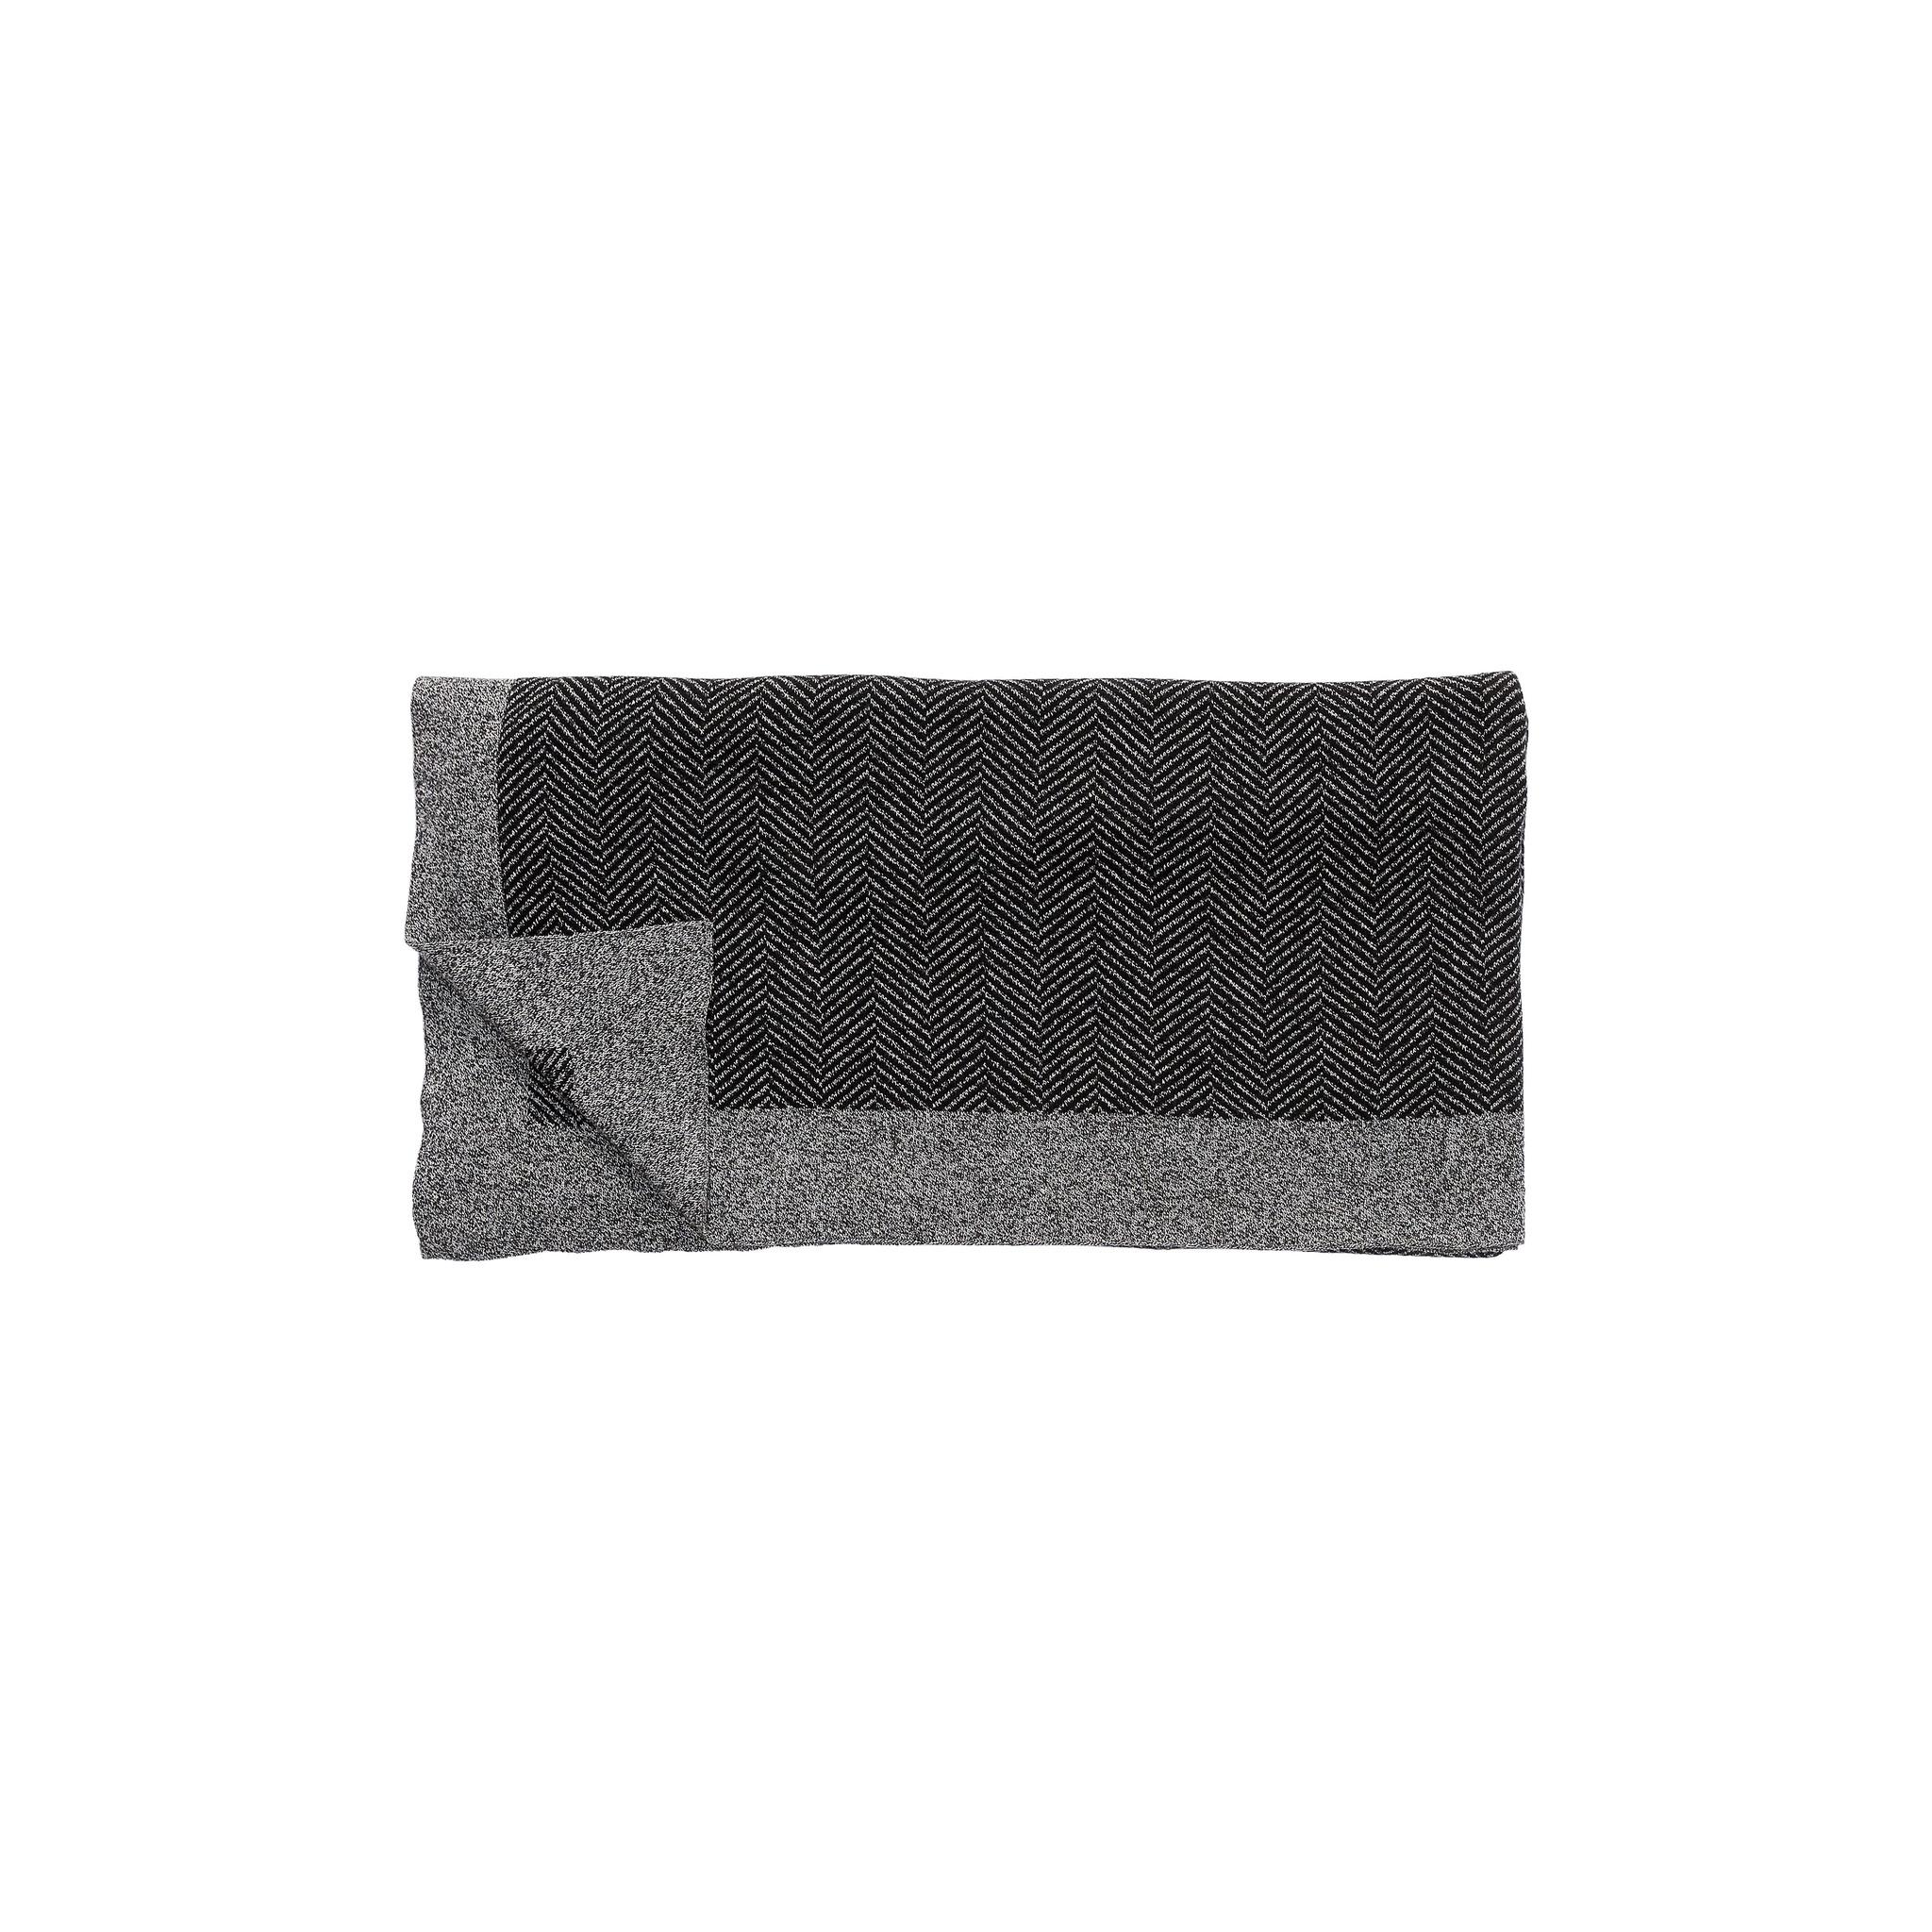 Hubsch Plaid met patroon, katoen, zwart / grijs-220310-5712772056691